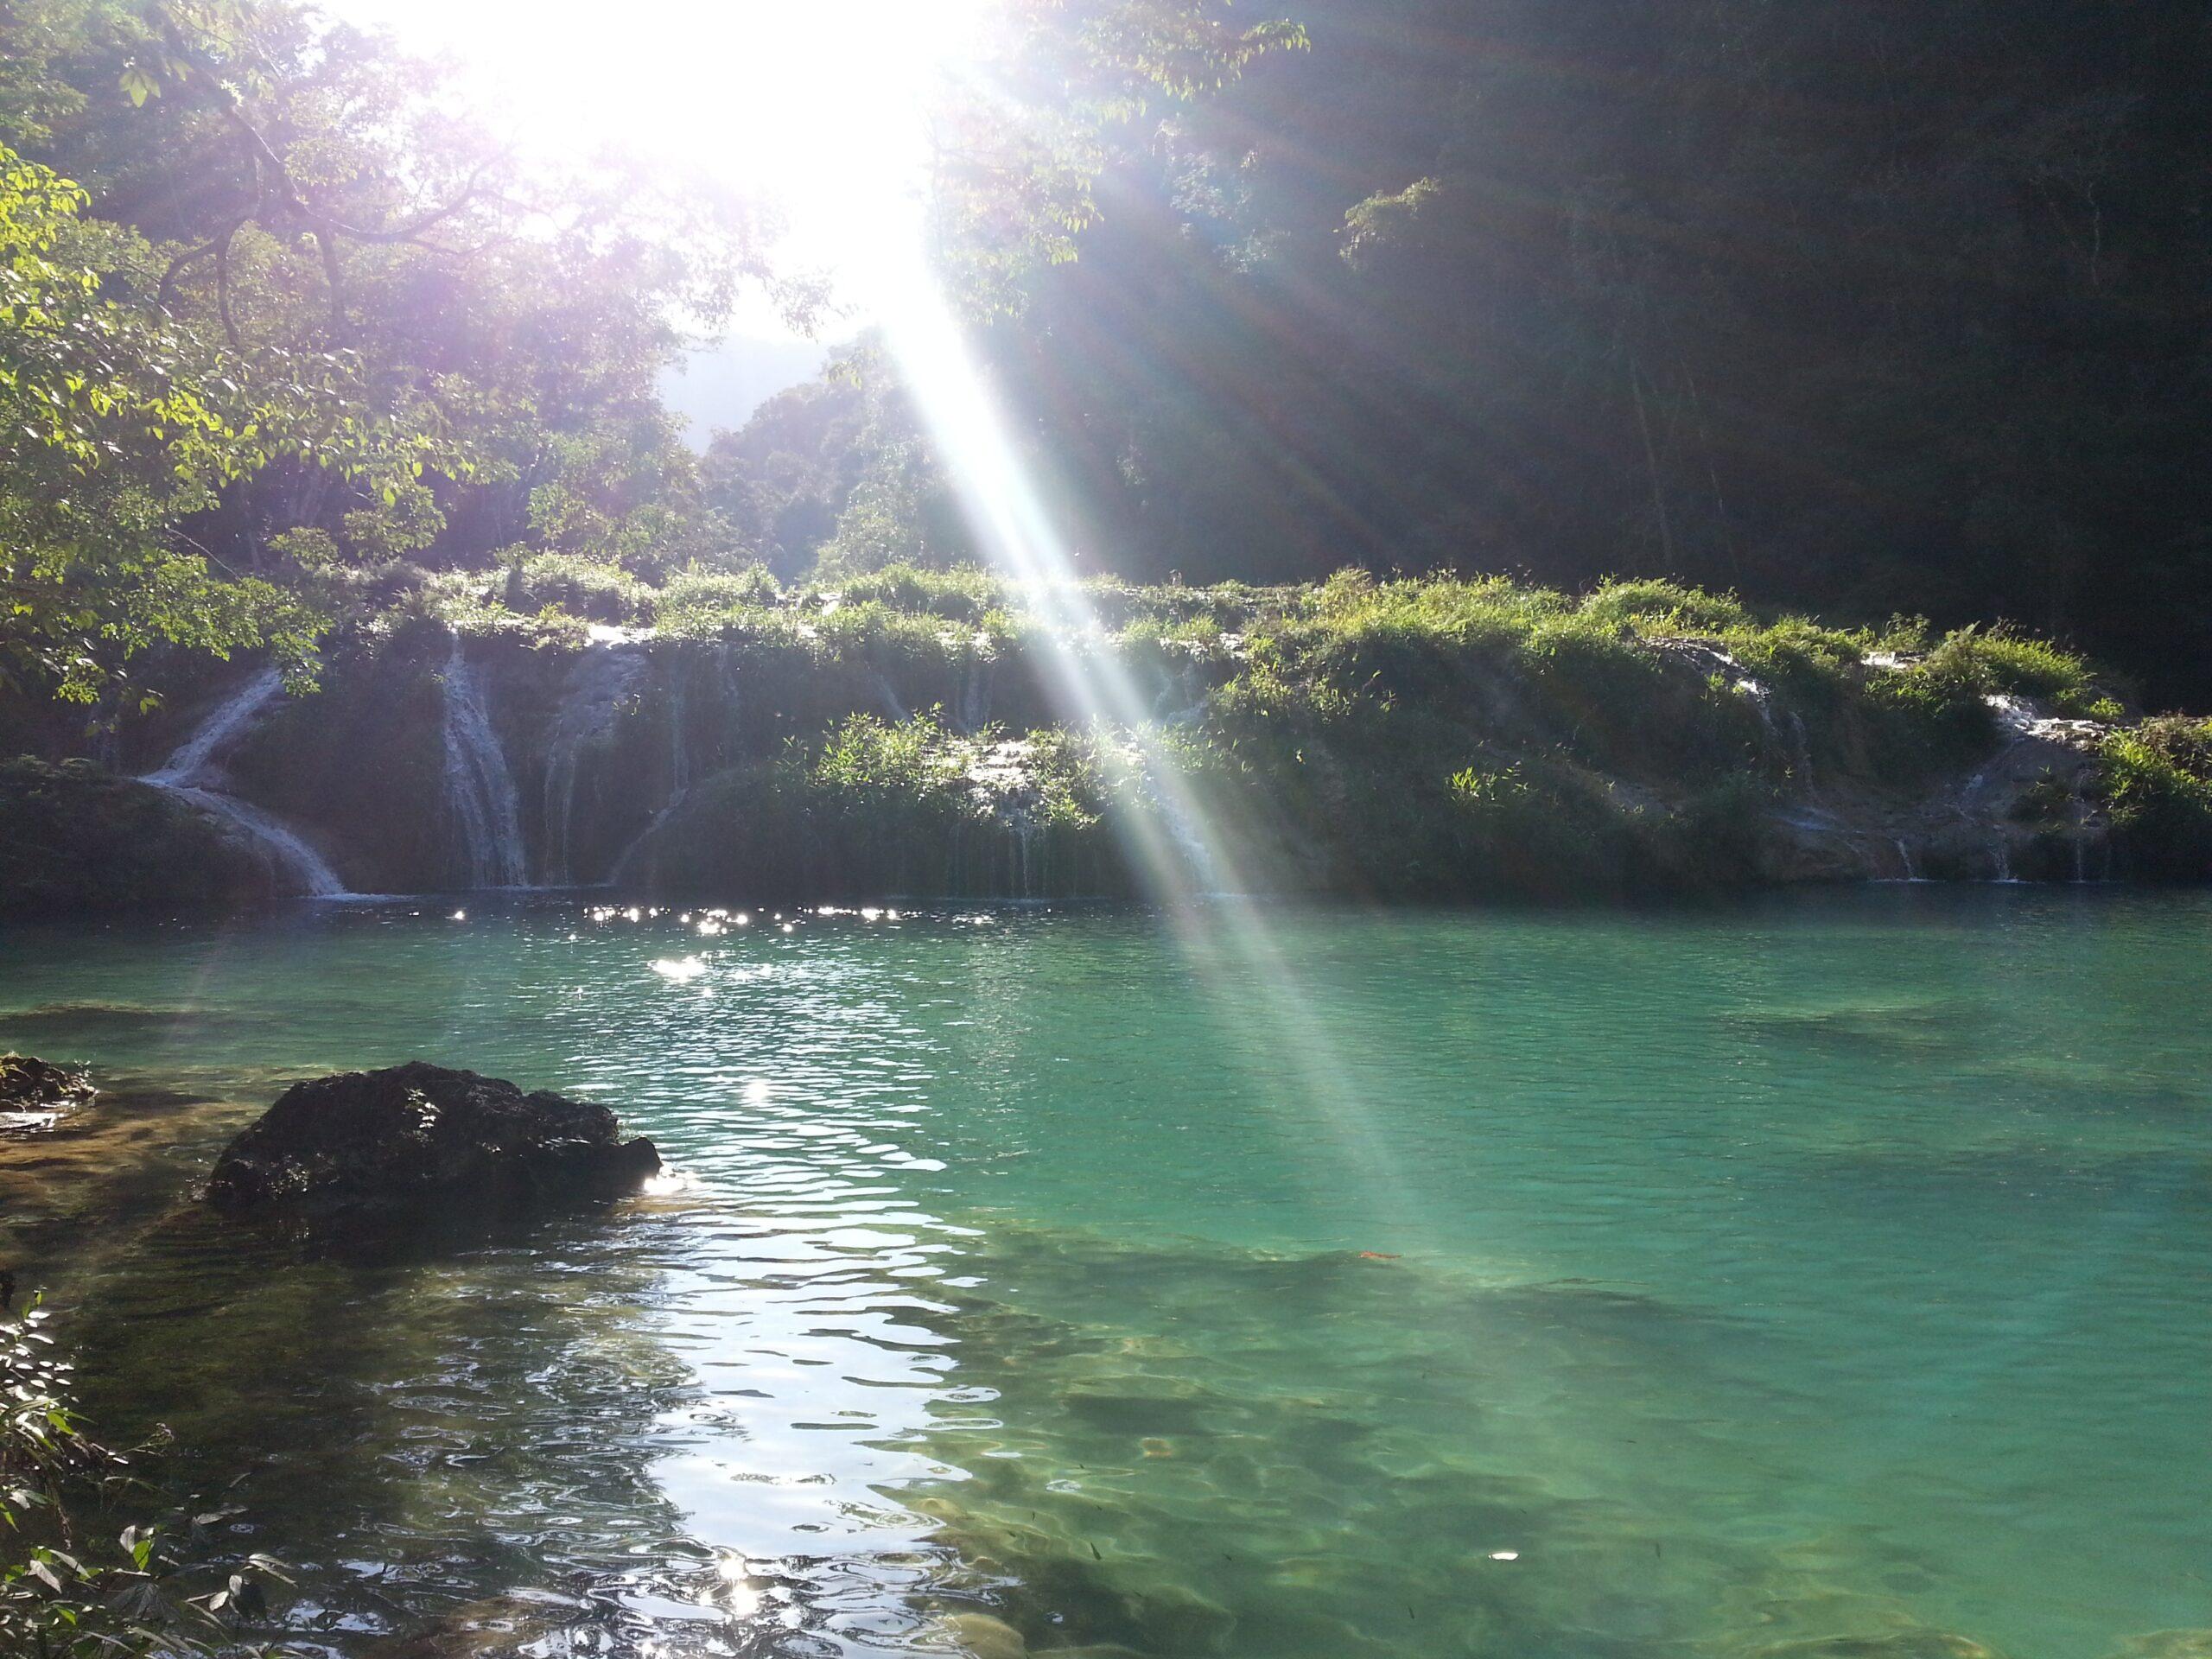 Imagen de la noticia Consolidación del acceso sostenible a agua y soberanía alimentaria para 11 comunidades indígenas Ch'orti' de la región VIII del municipio de Jocotán, Departamento de Chiquimula